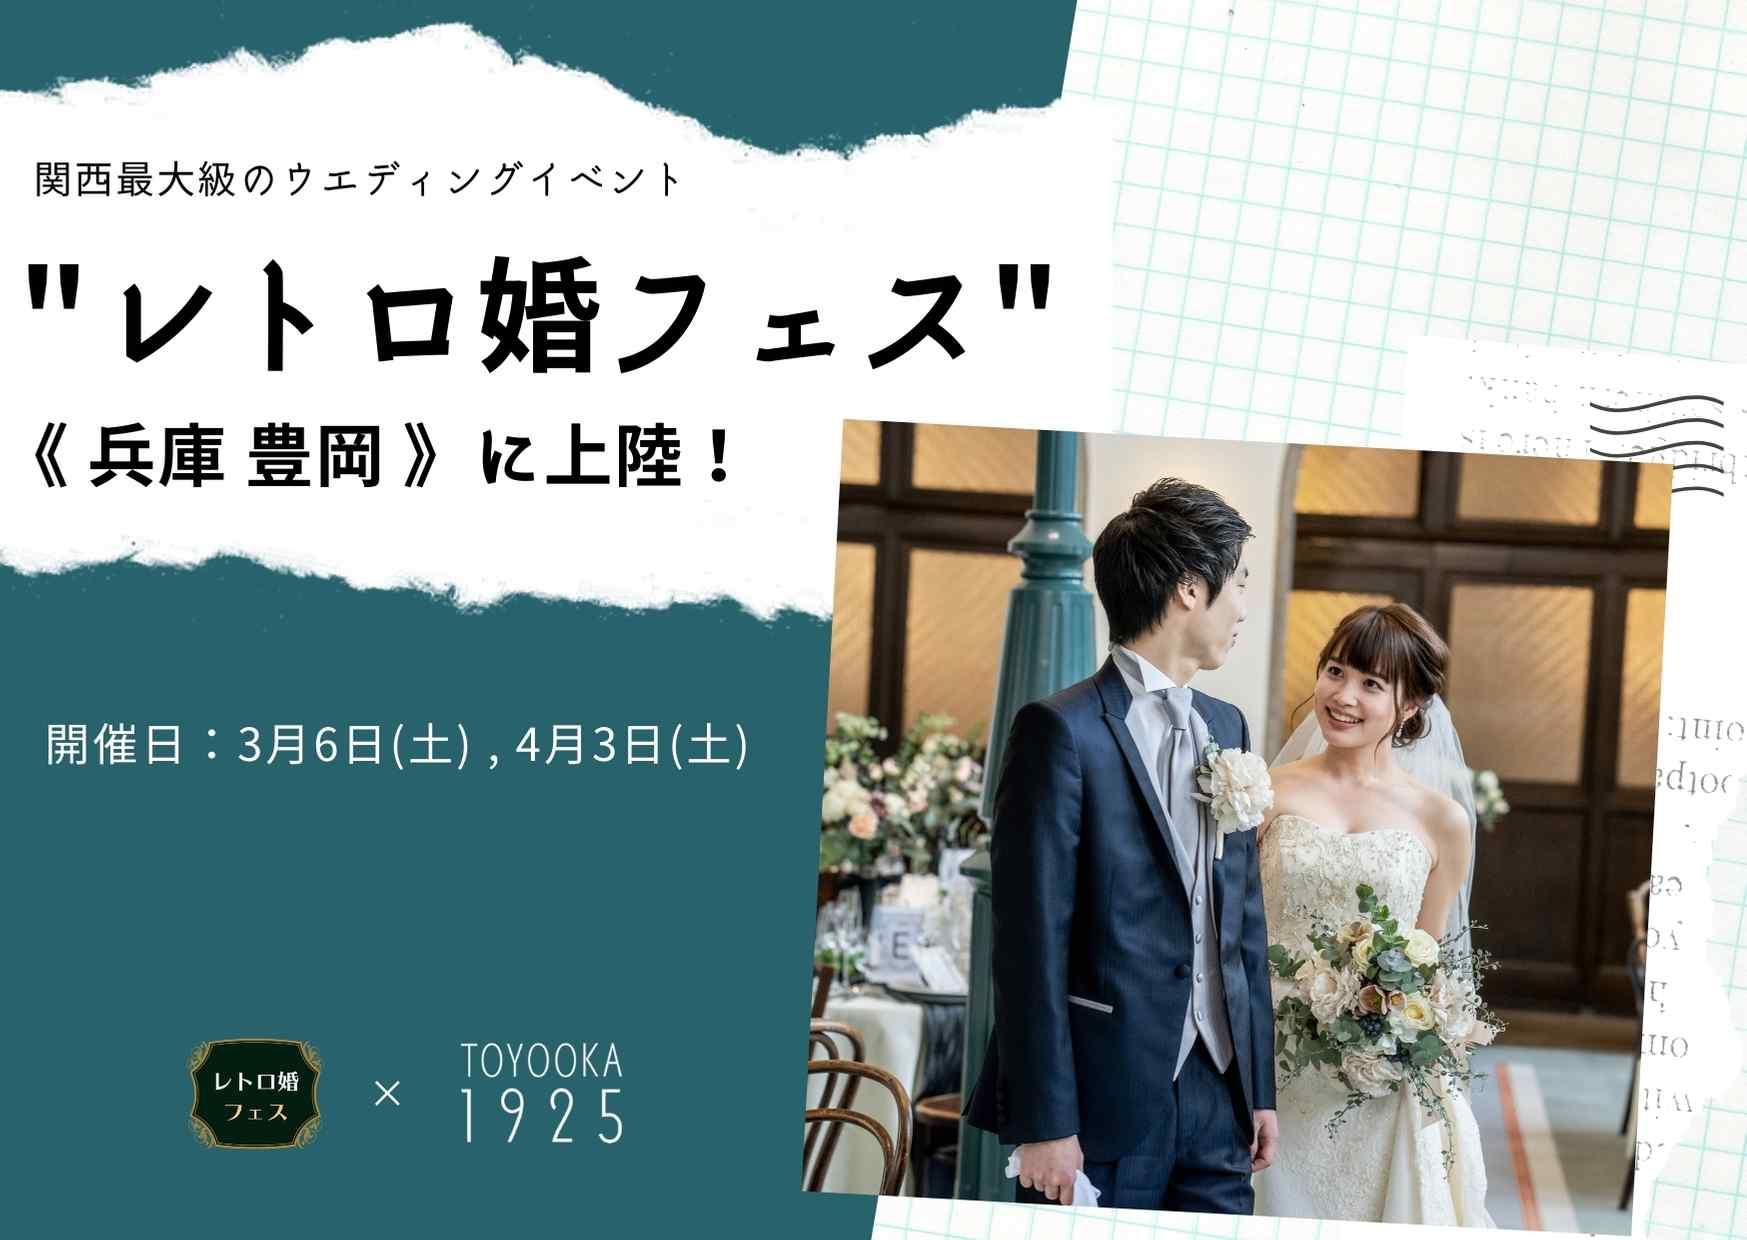 体験型ウエディングイベント「レトロ婚フェス@豊岡」開催!